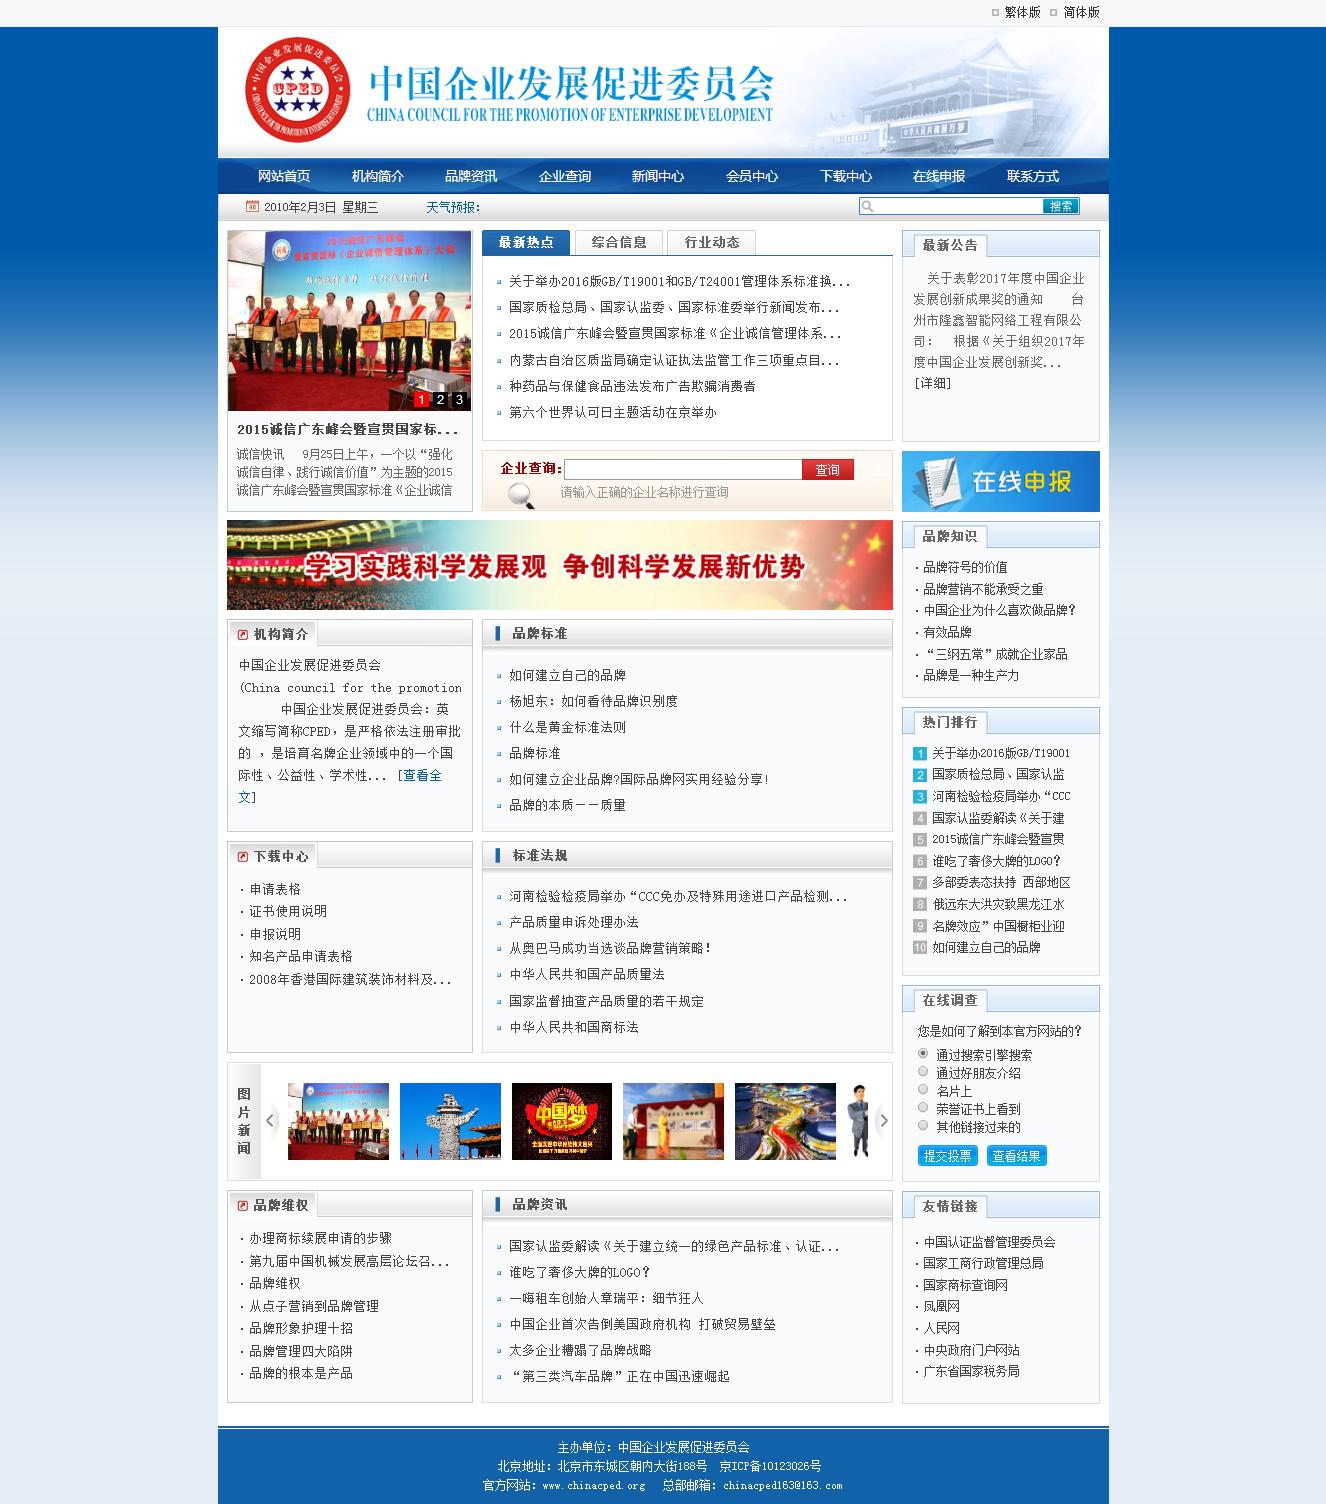 中國企業發展促進委員會官方網站1.png